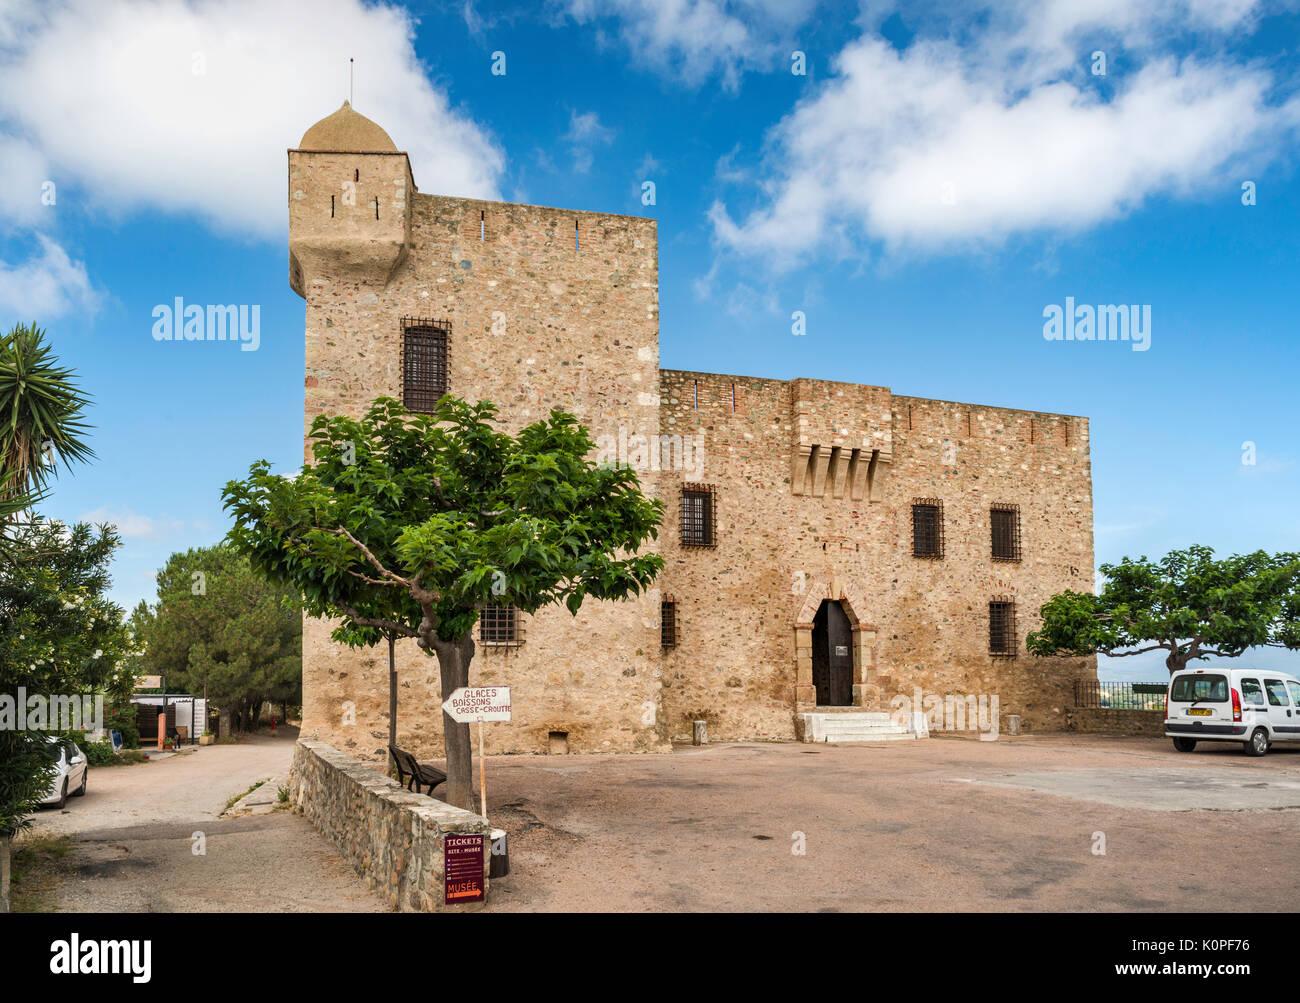 Fort de Matra, fortezza genovese del XV secolo sede del Musee Jerome-Carcopino, Aleria, Haute-Corse, Corsica, Francia Immagini Stock